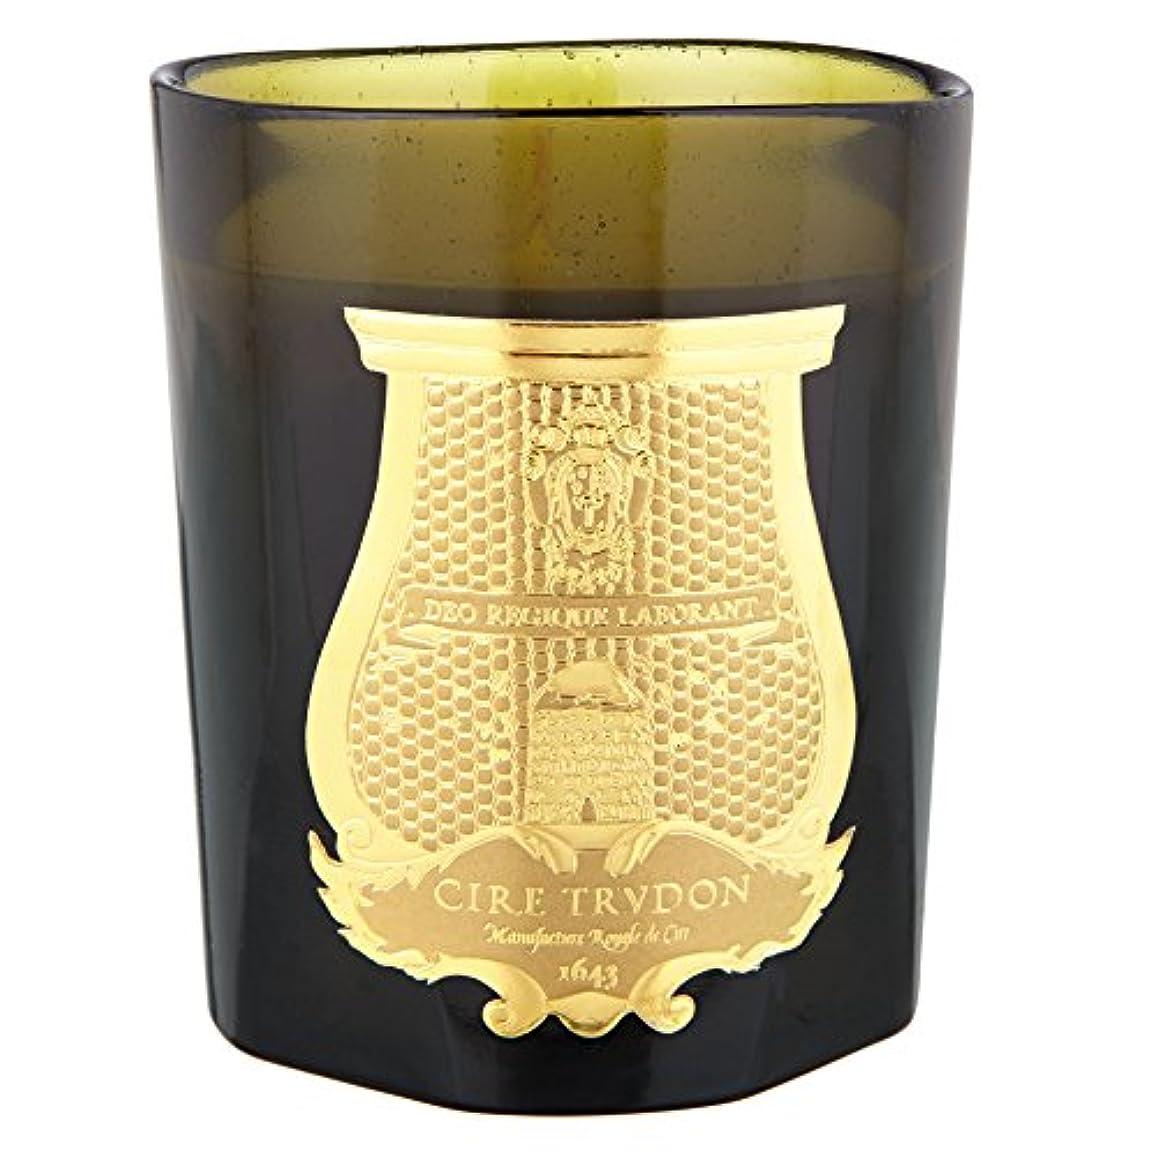 そばに緩やかなパイプラインCire Trudonオダリスク香りのキャンドル (Cire Trudon) - Cire Trudon Odalisque Scented Candle [並行輸入品]